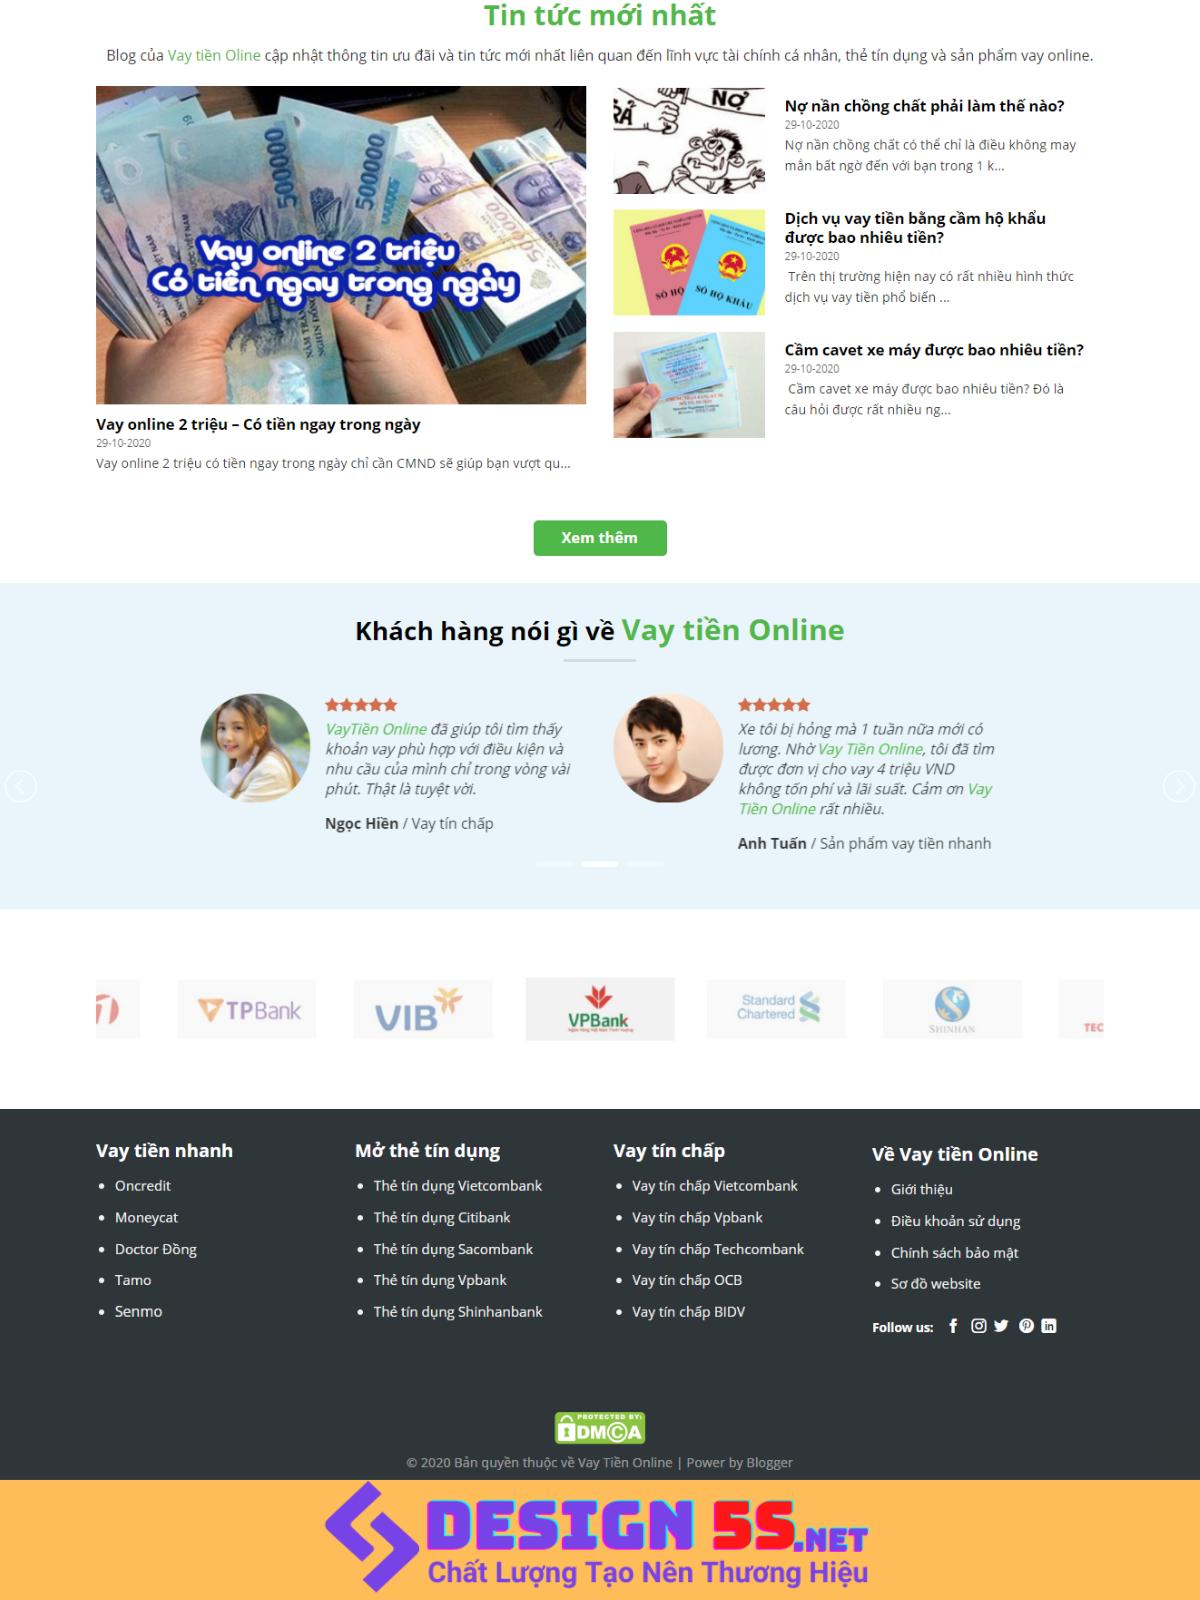 Theme blogspot dịch vụ cho vay tiền online VSM76 - Ảnh 2